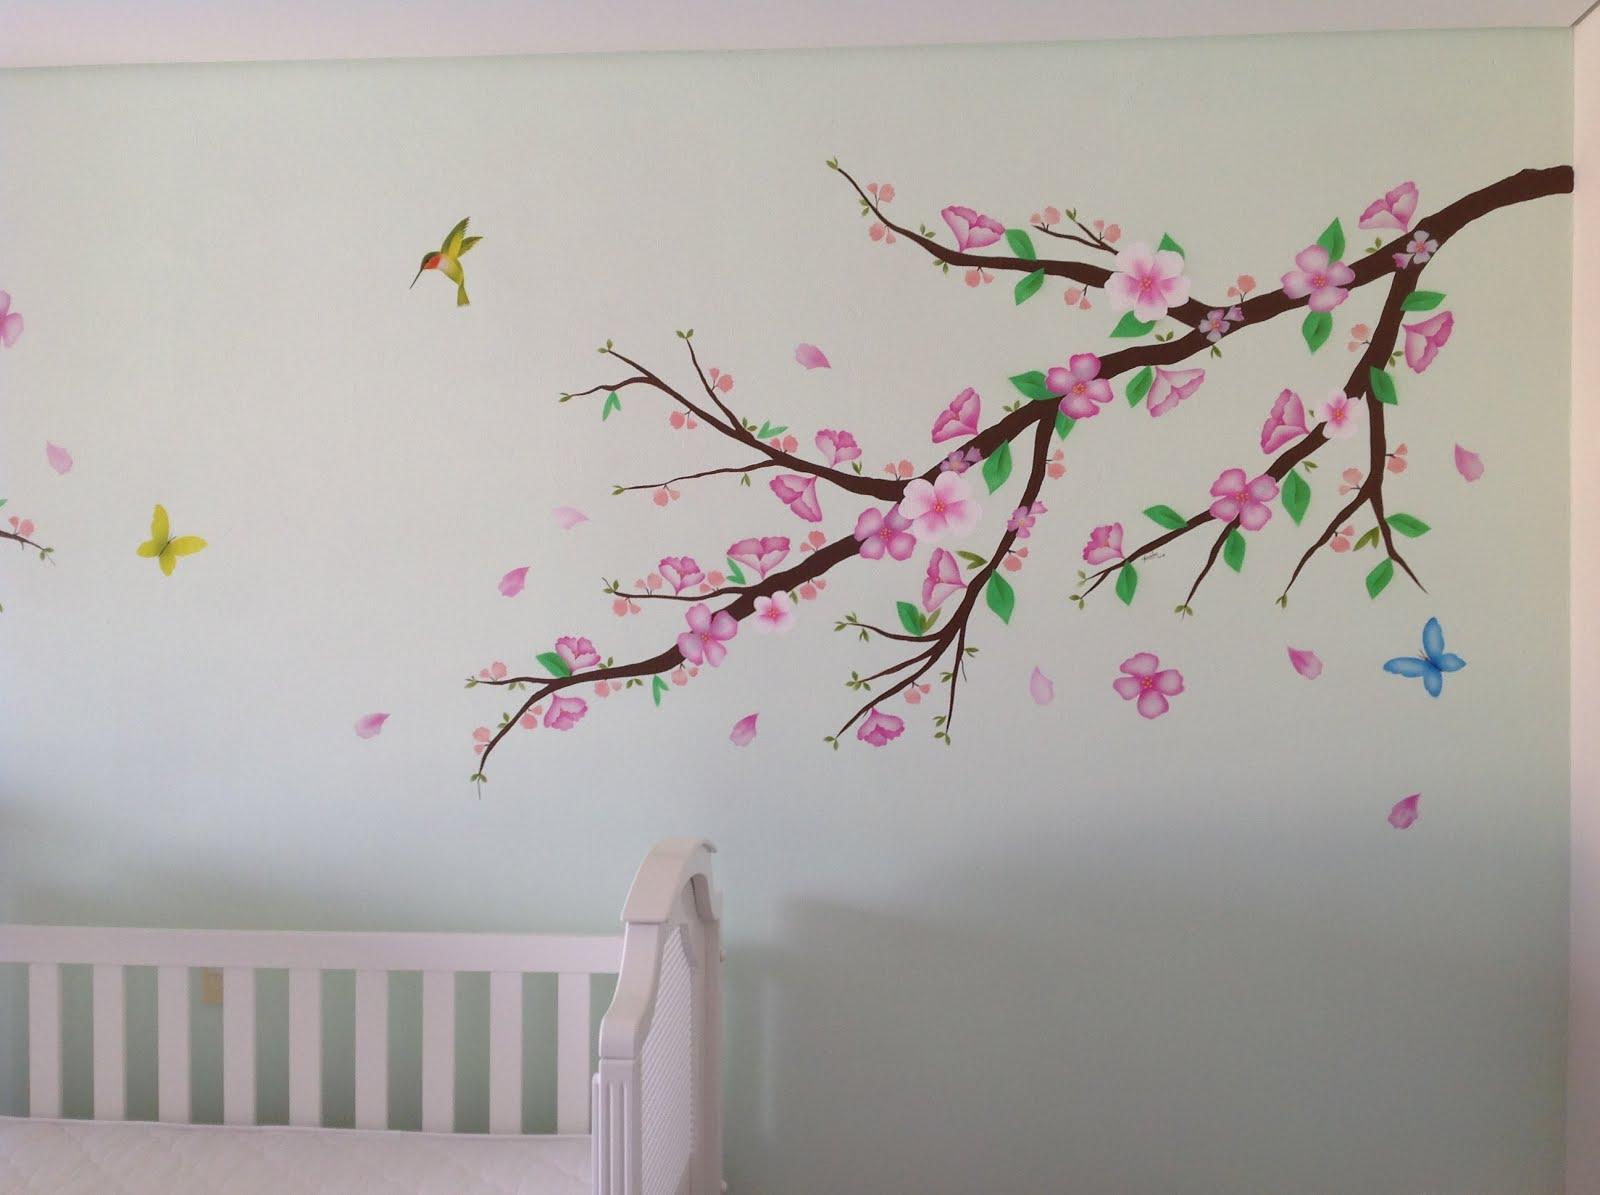 Murales infantiles y arte decorativo pintado a mano por un - Murales de pared pintados a mano ...